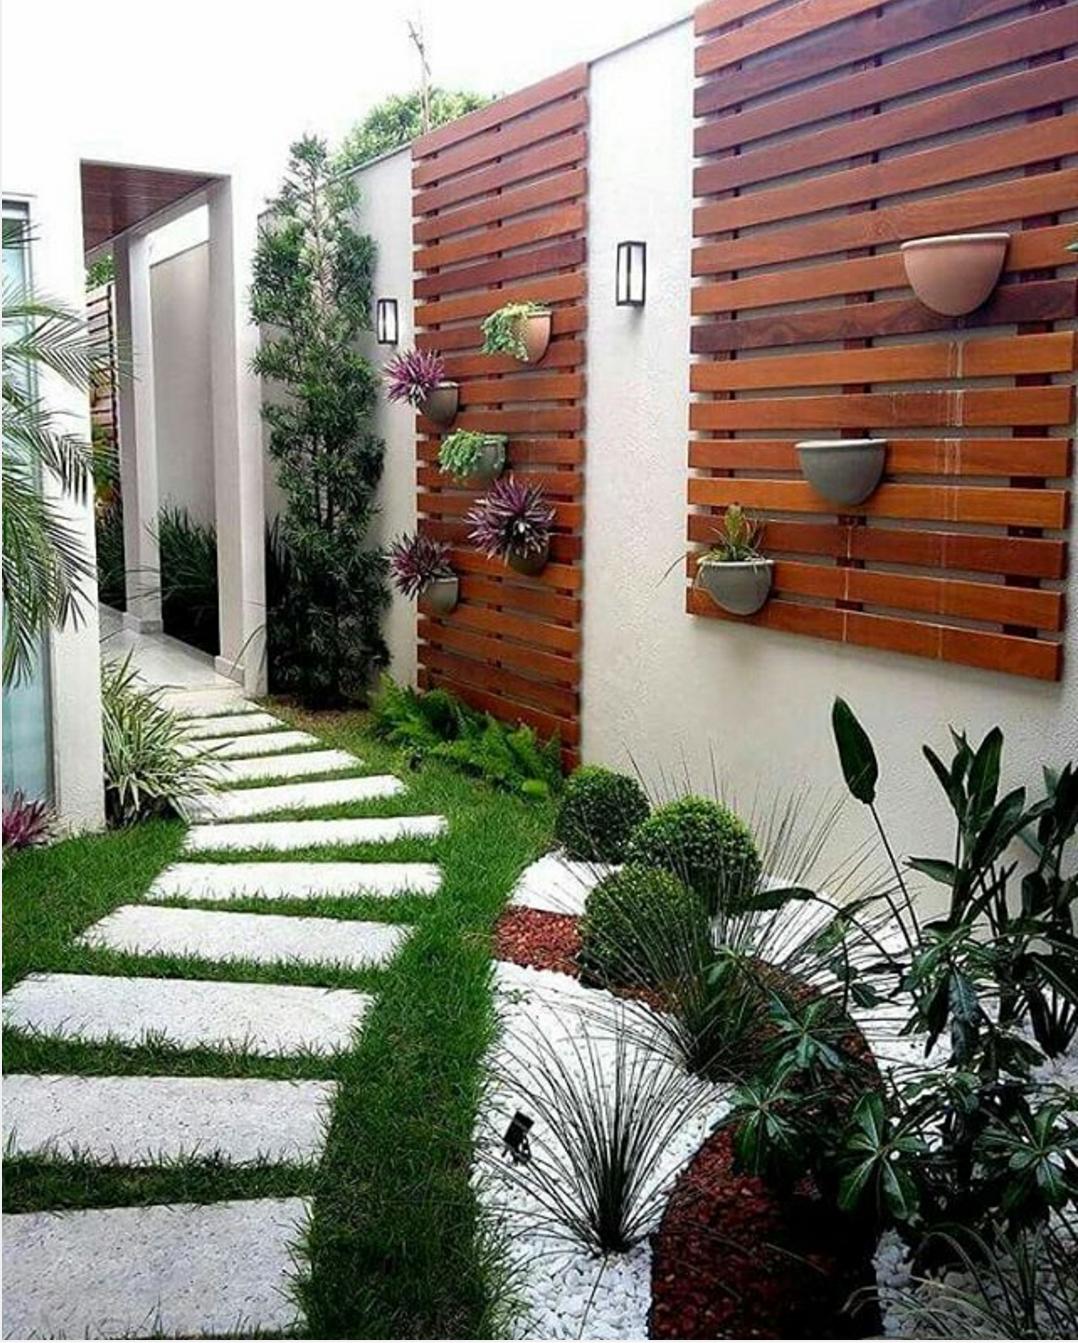 101 planos de casas paisajismo actual en espacios peque os for Jardines para espacios pequenos